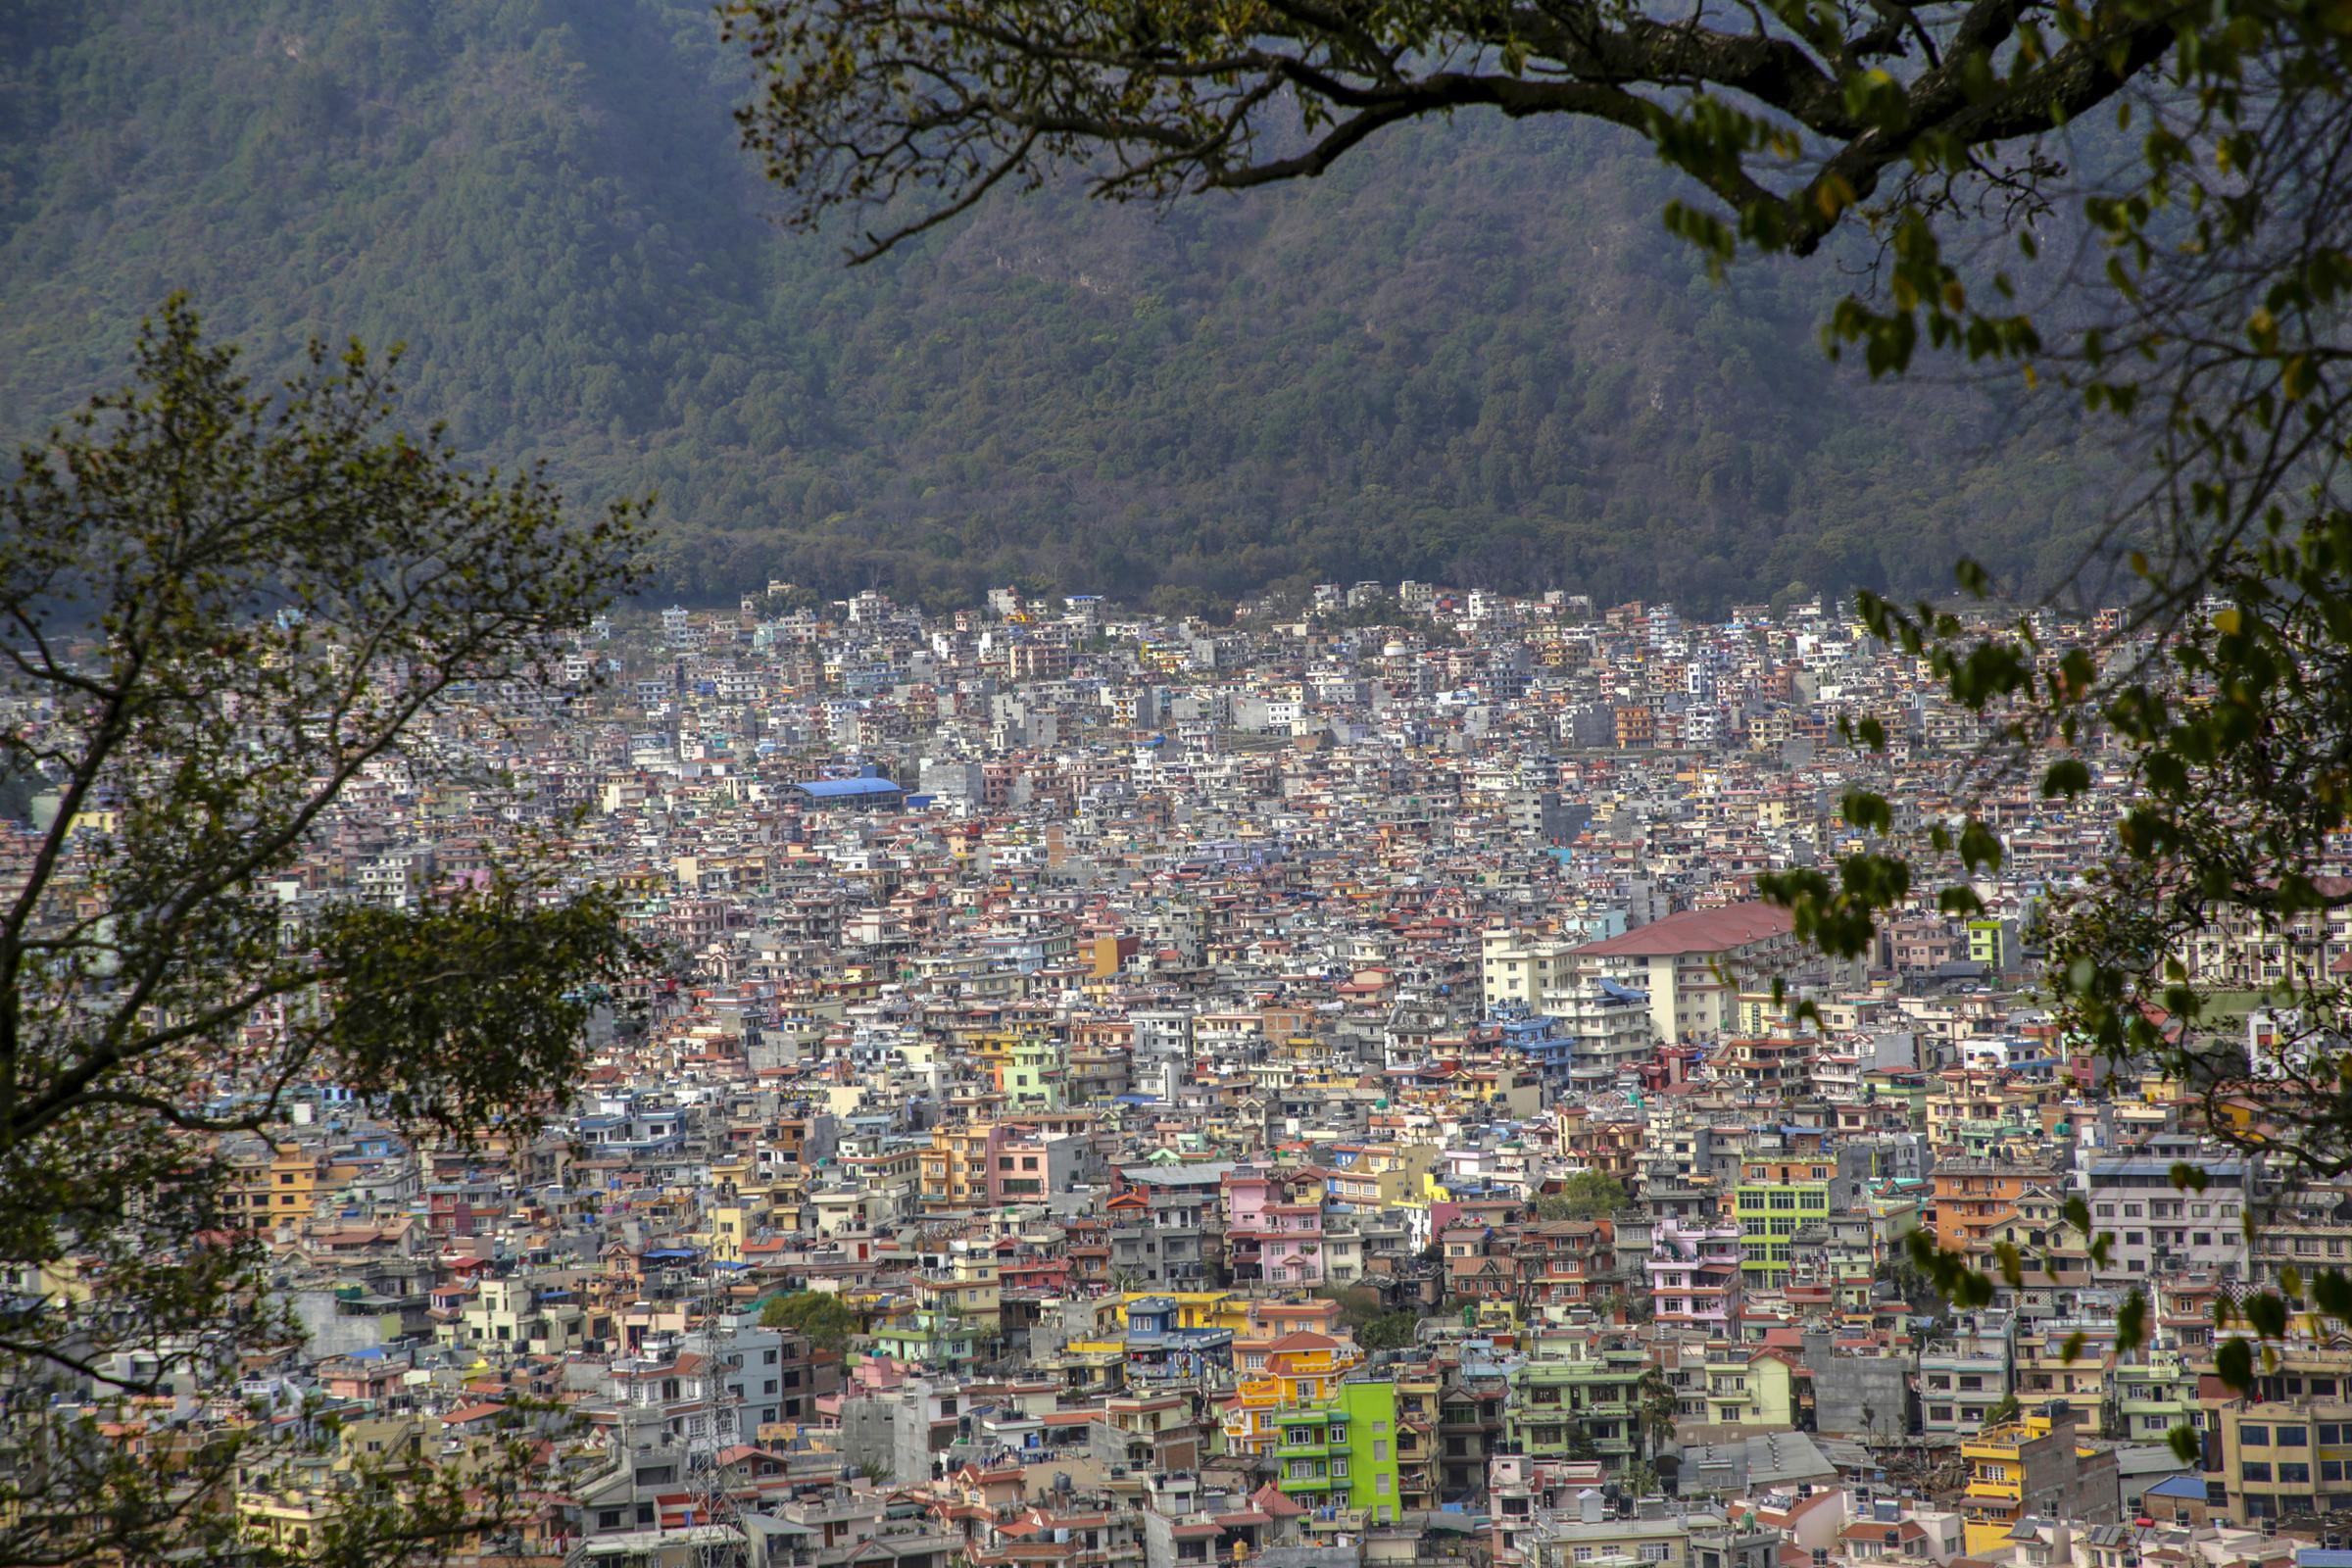 काठमाडौँमा सोमबार ५४ जनामा कोरोना संक्रमण , जोखिम बढ्दो